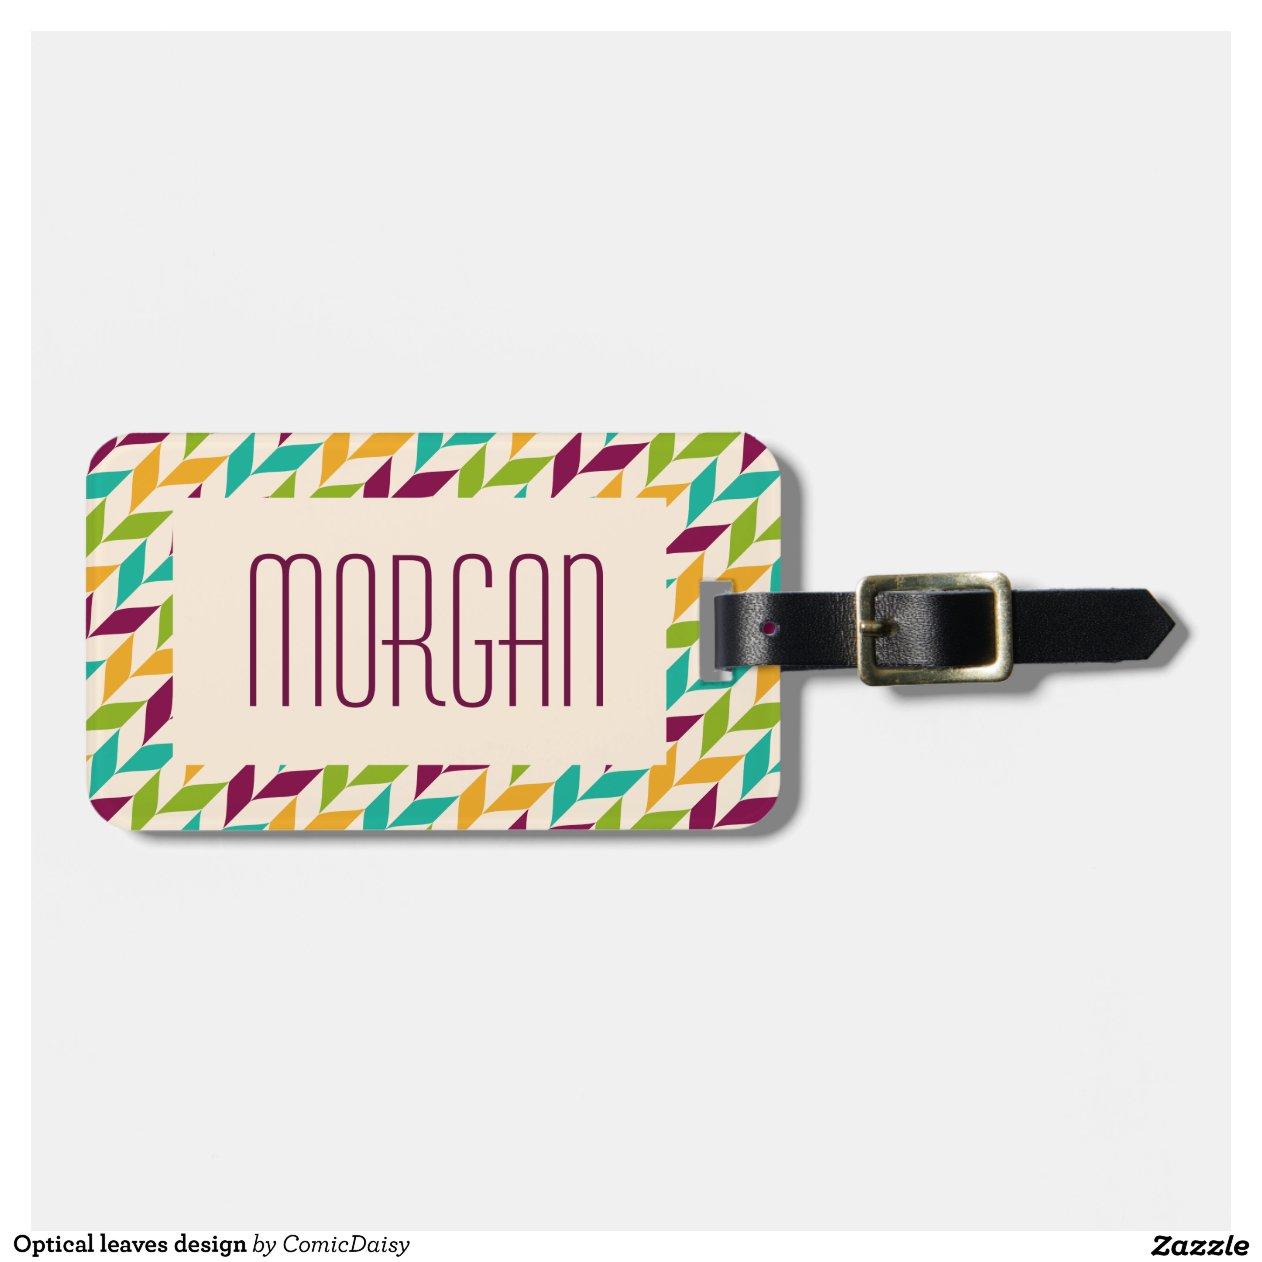 conception optique de feuille tiquette pour bagages zazzle. Black Bedroom Furniture Sets. Home Design Ideas